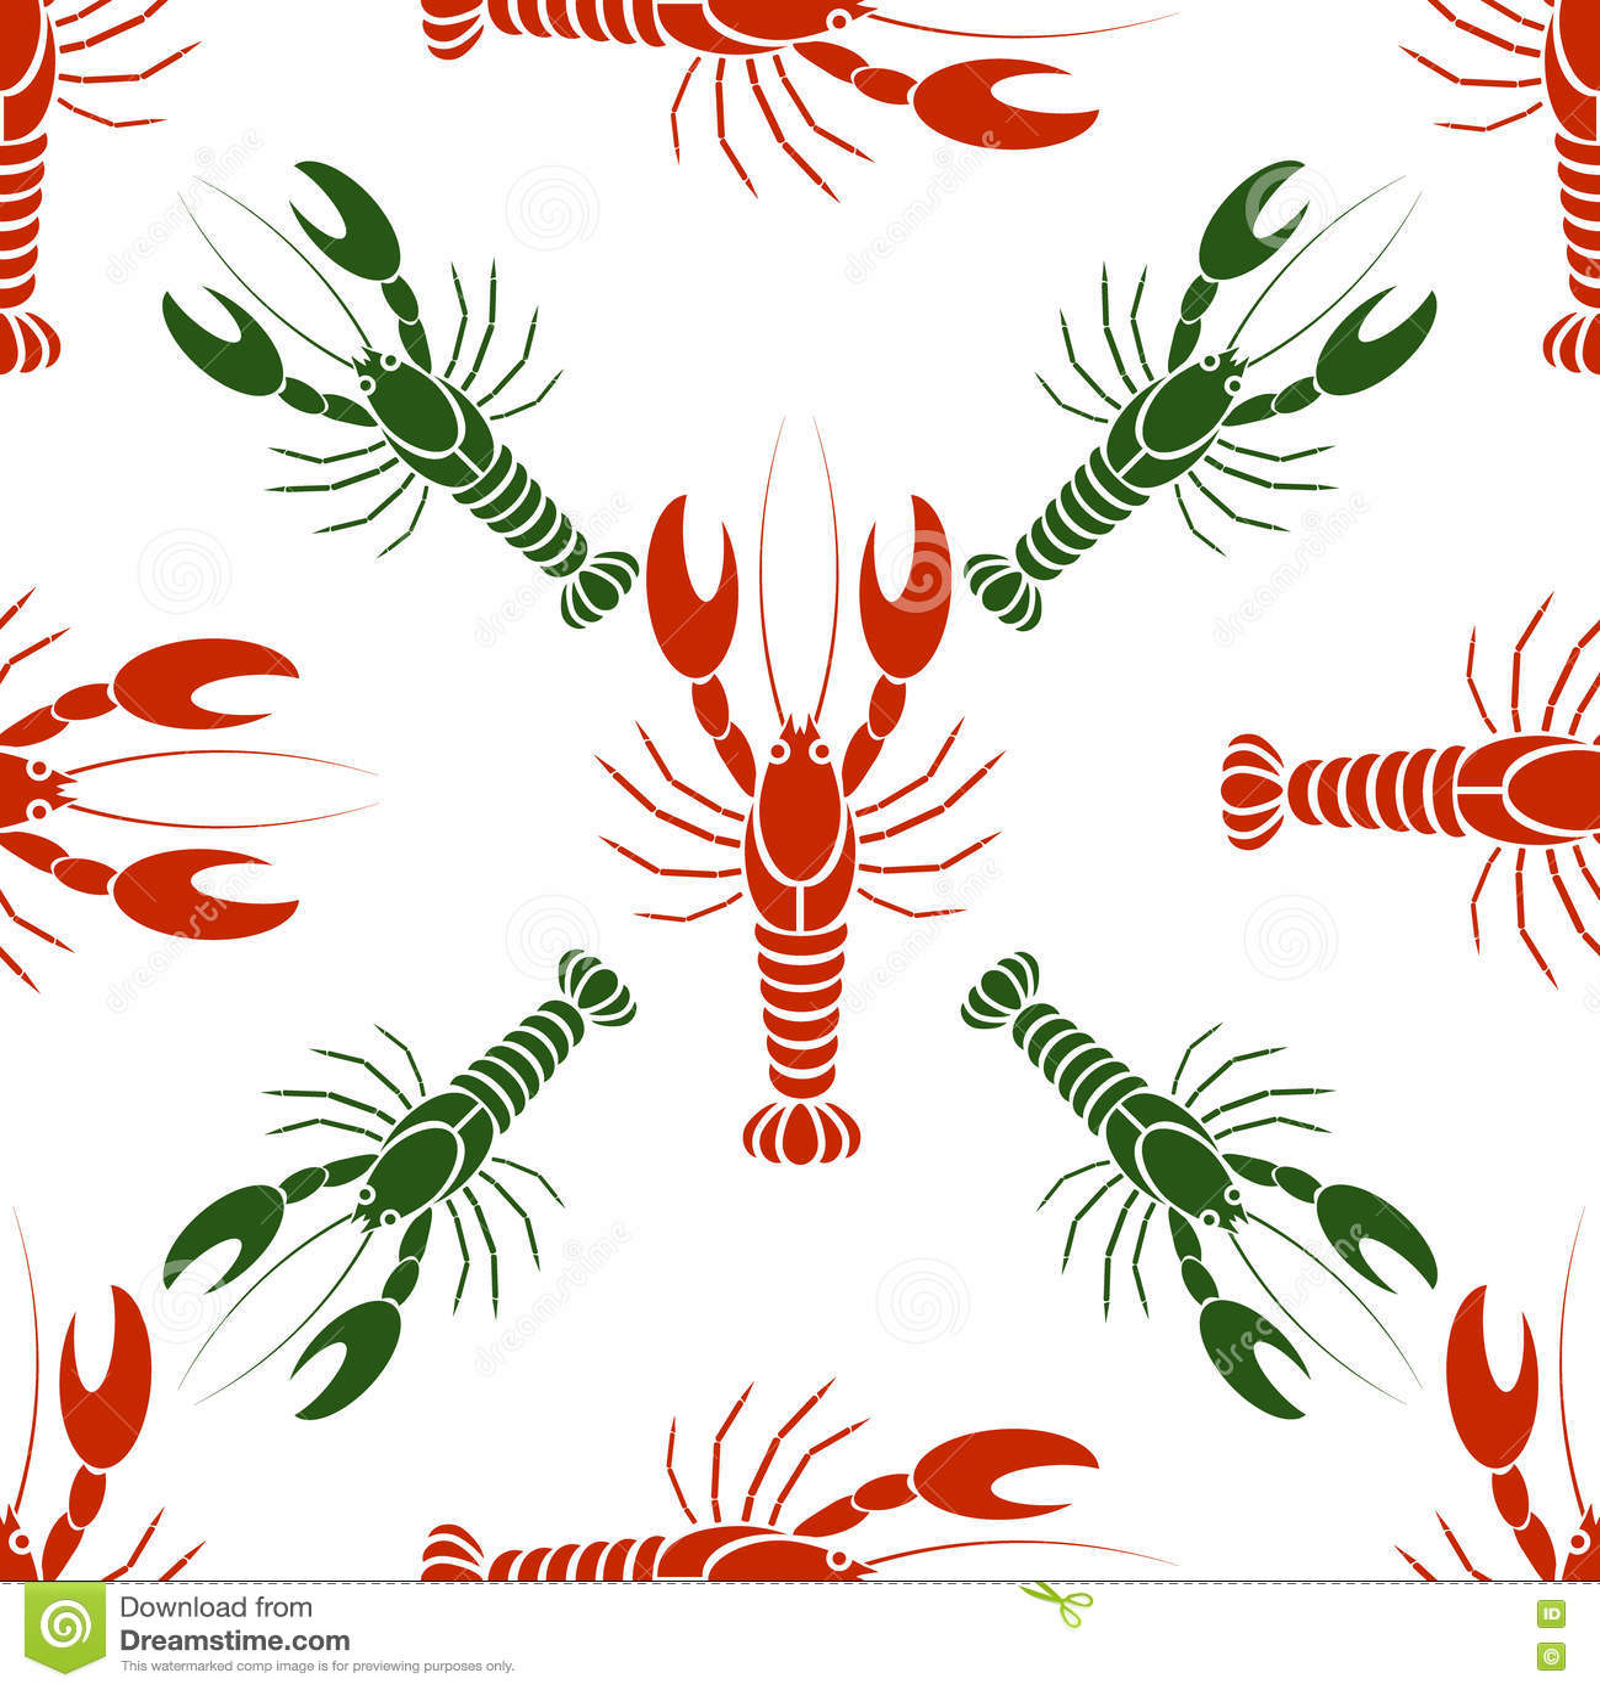 Dirigez le modèle sans couture avec des écrevisses ou des homards dans des couleurs rouges et vertes